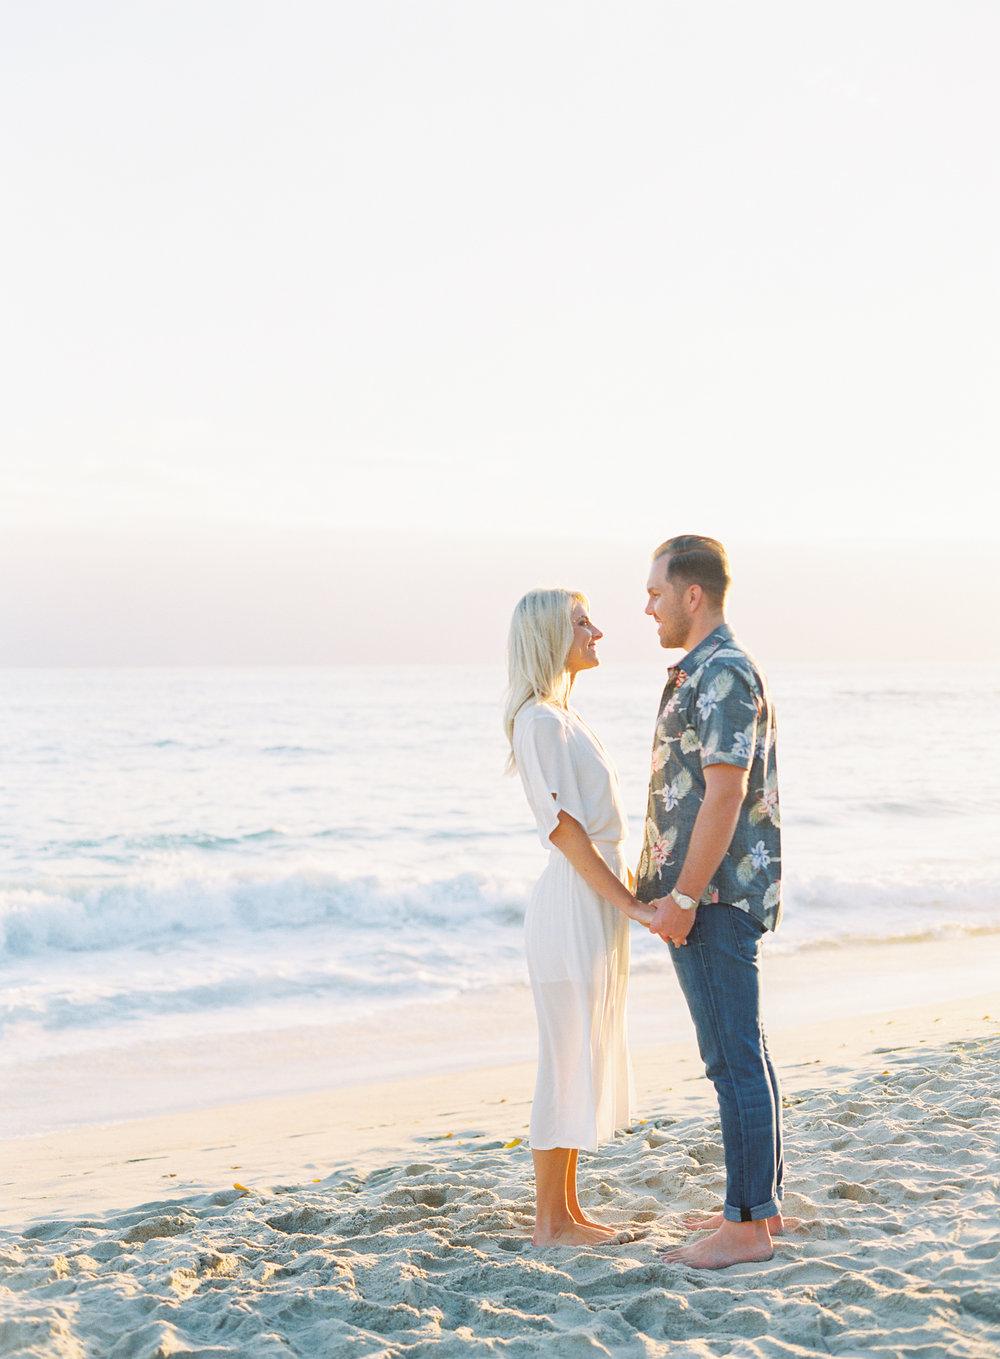 Laguna-Beach-Engagement-Raymond-Chelsea-125.jpg